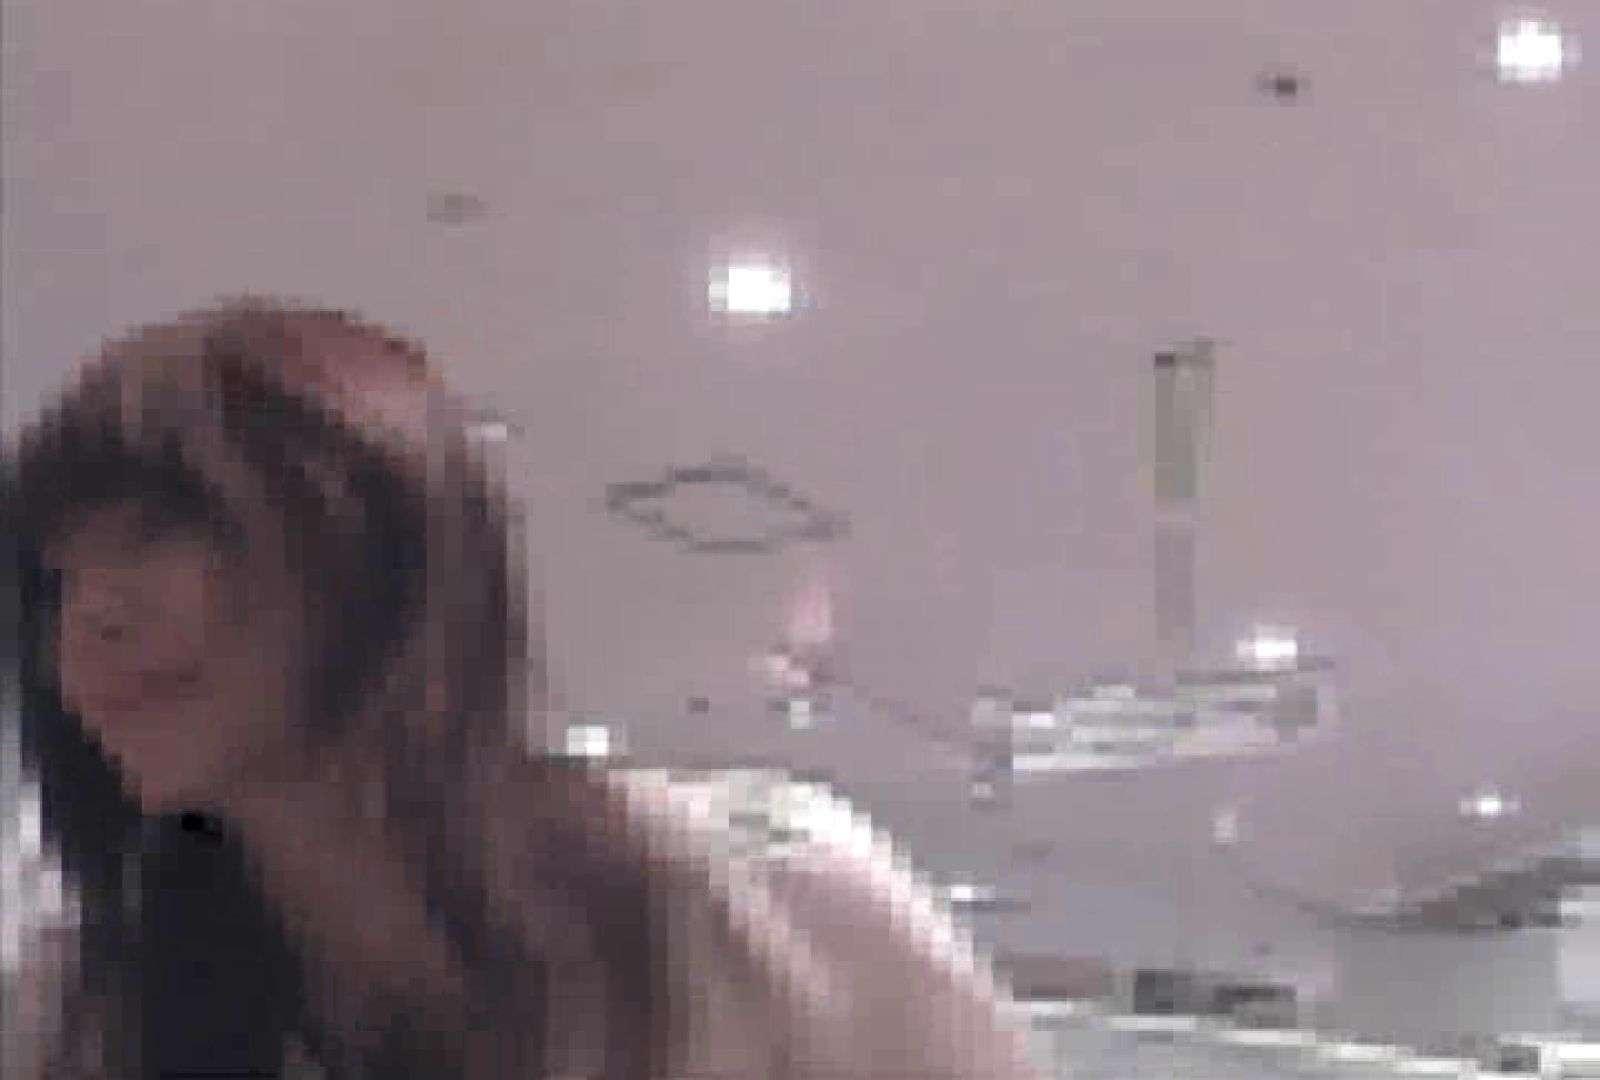 ショップ店員のパンチラアクシデント Vol.24 下着エロ画像 アダルト動画キャプチャ 55PICs 49